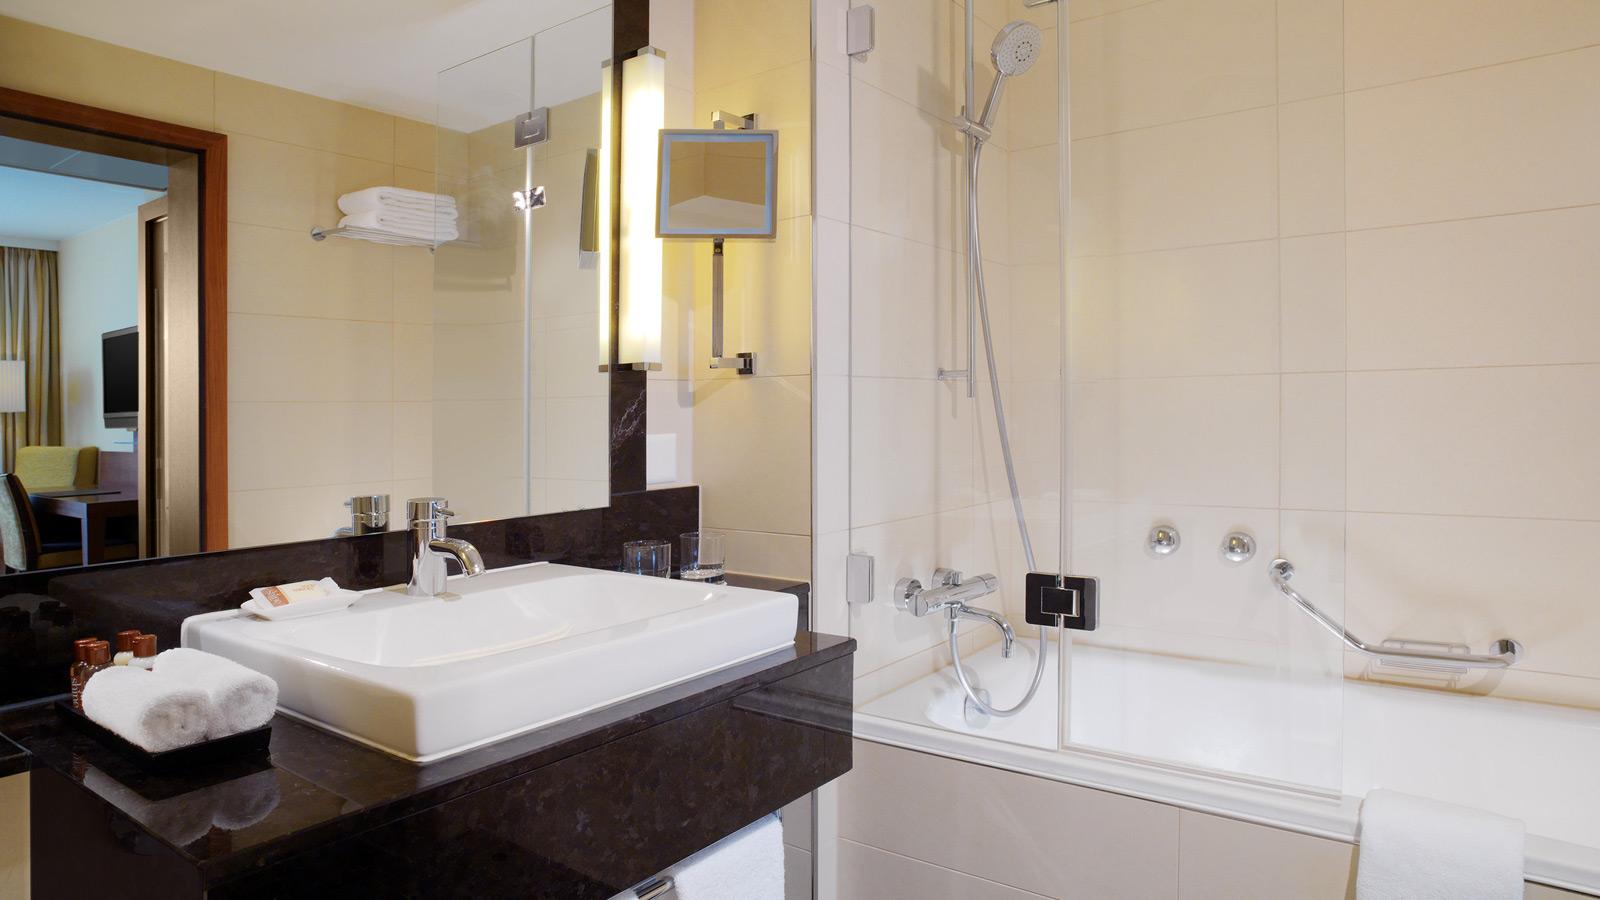 Sheraton-Zrich-Neues-Schloss-Hotel-Guest-Bathroom